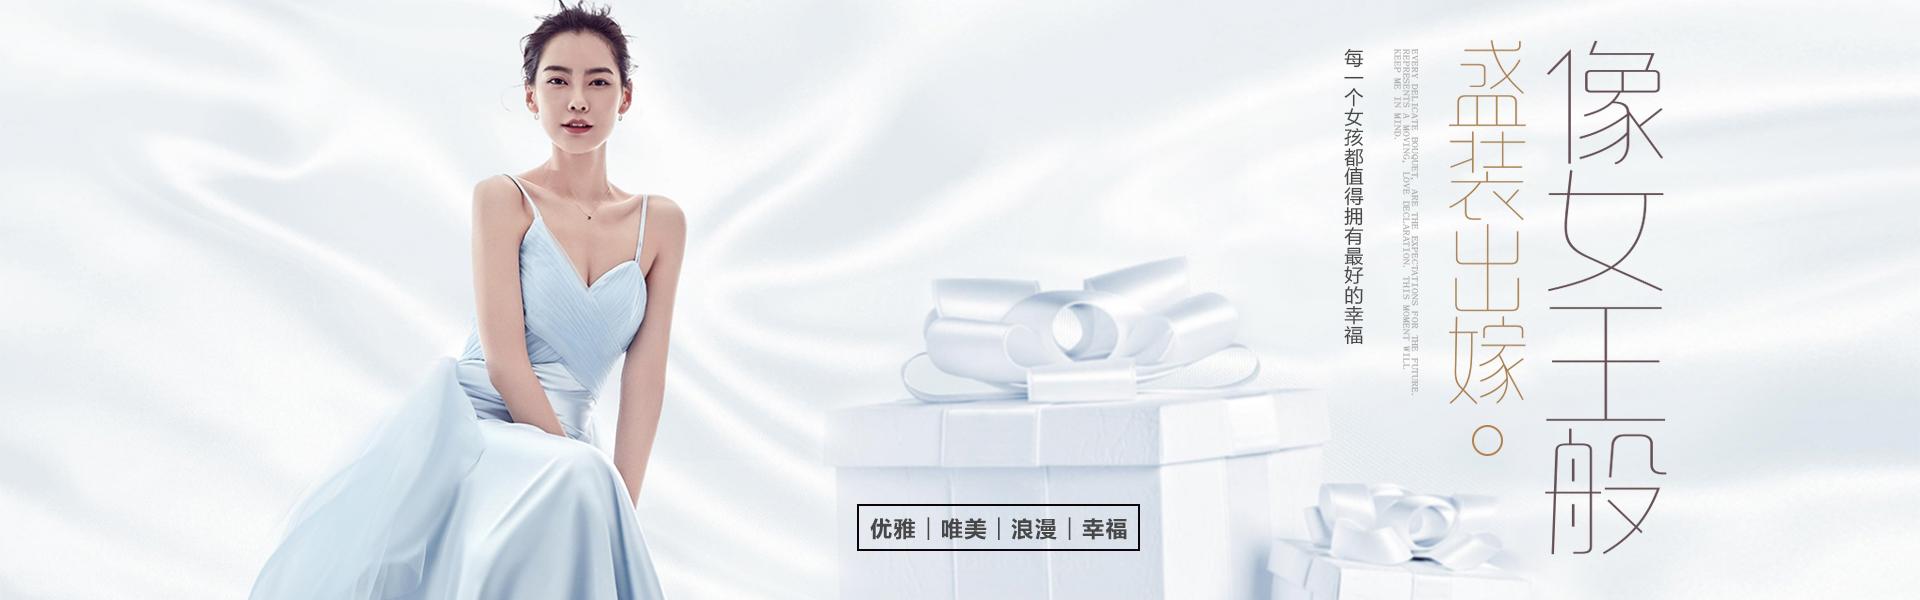 蕾蕾万博体育app手机登录-礼服展示